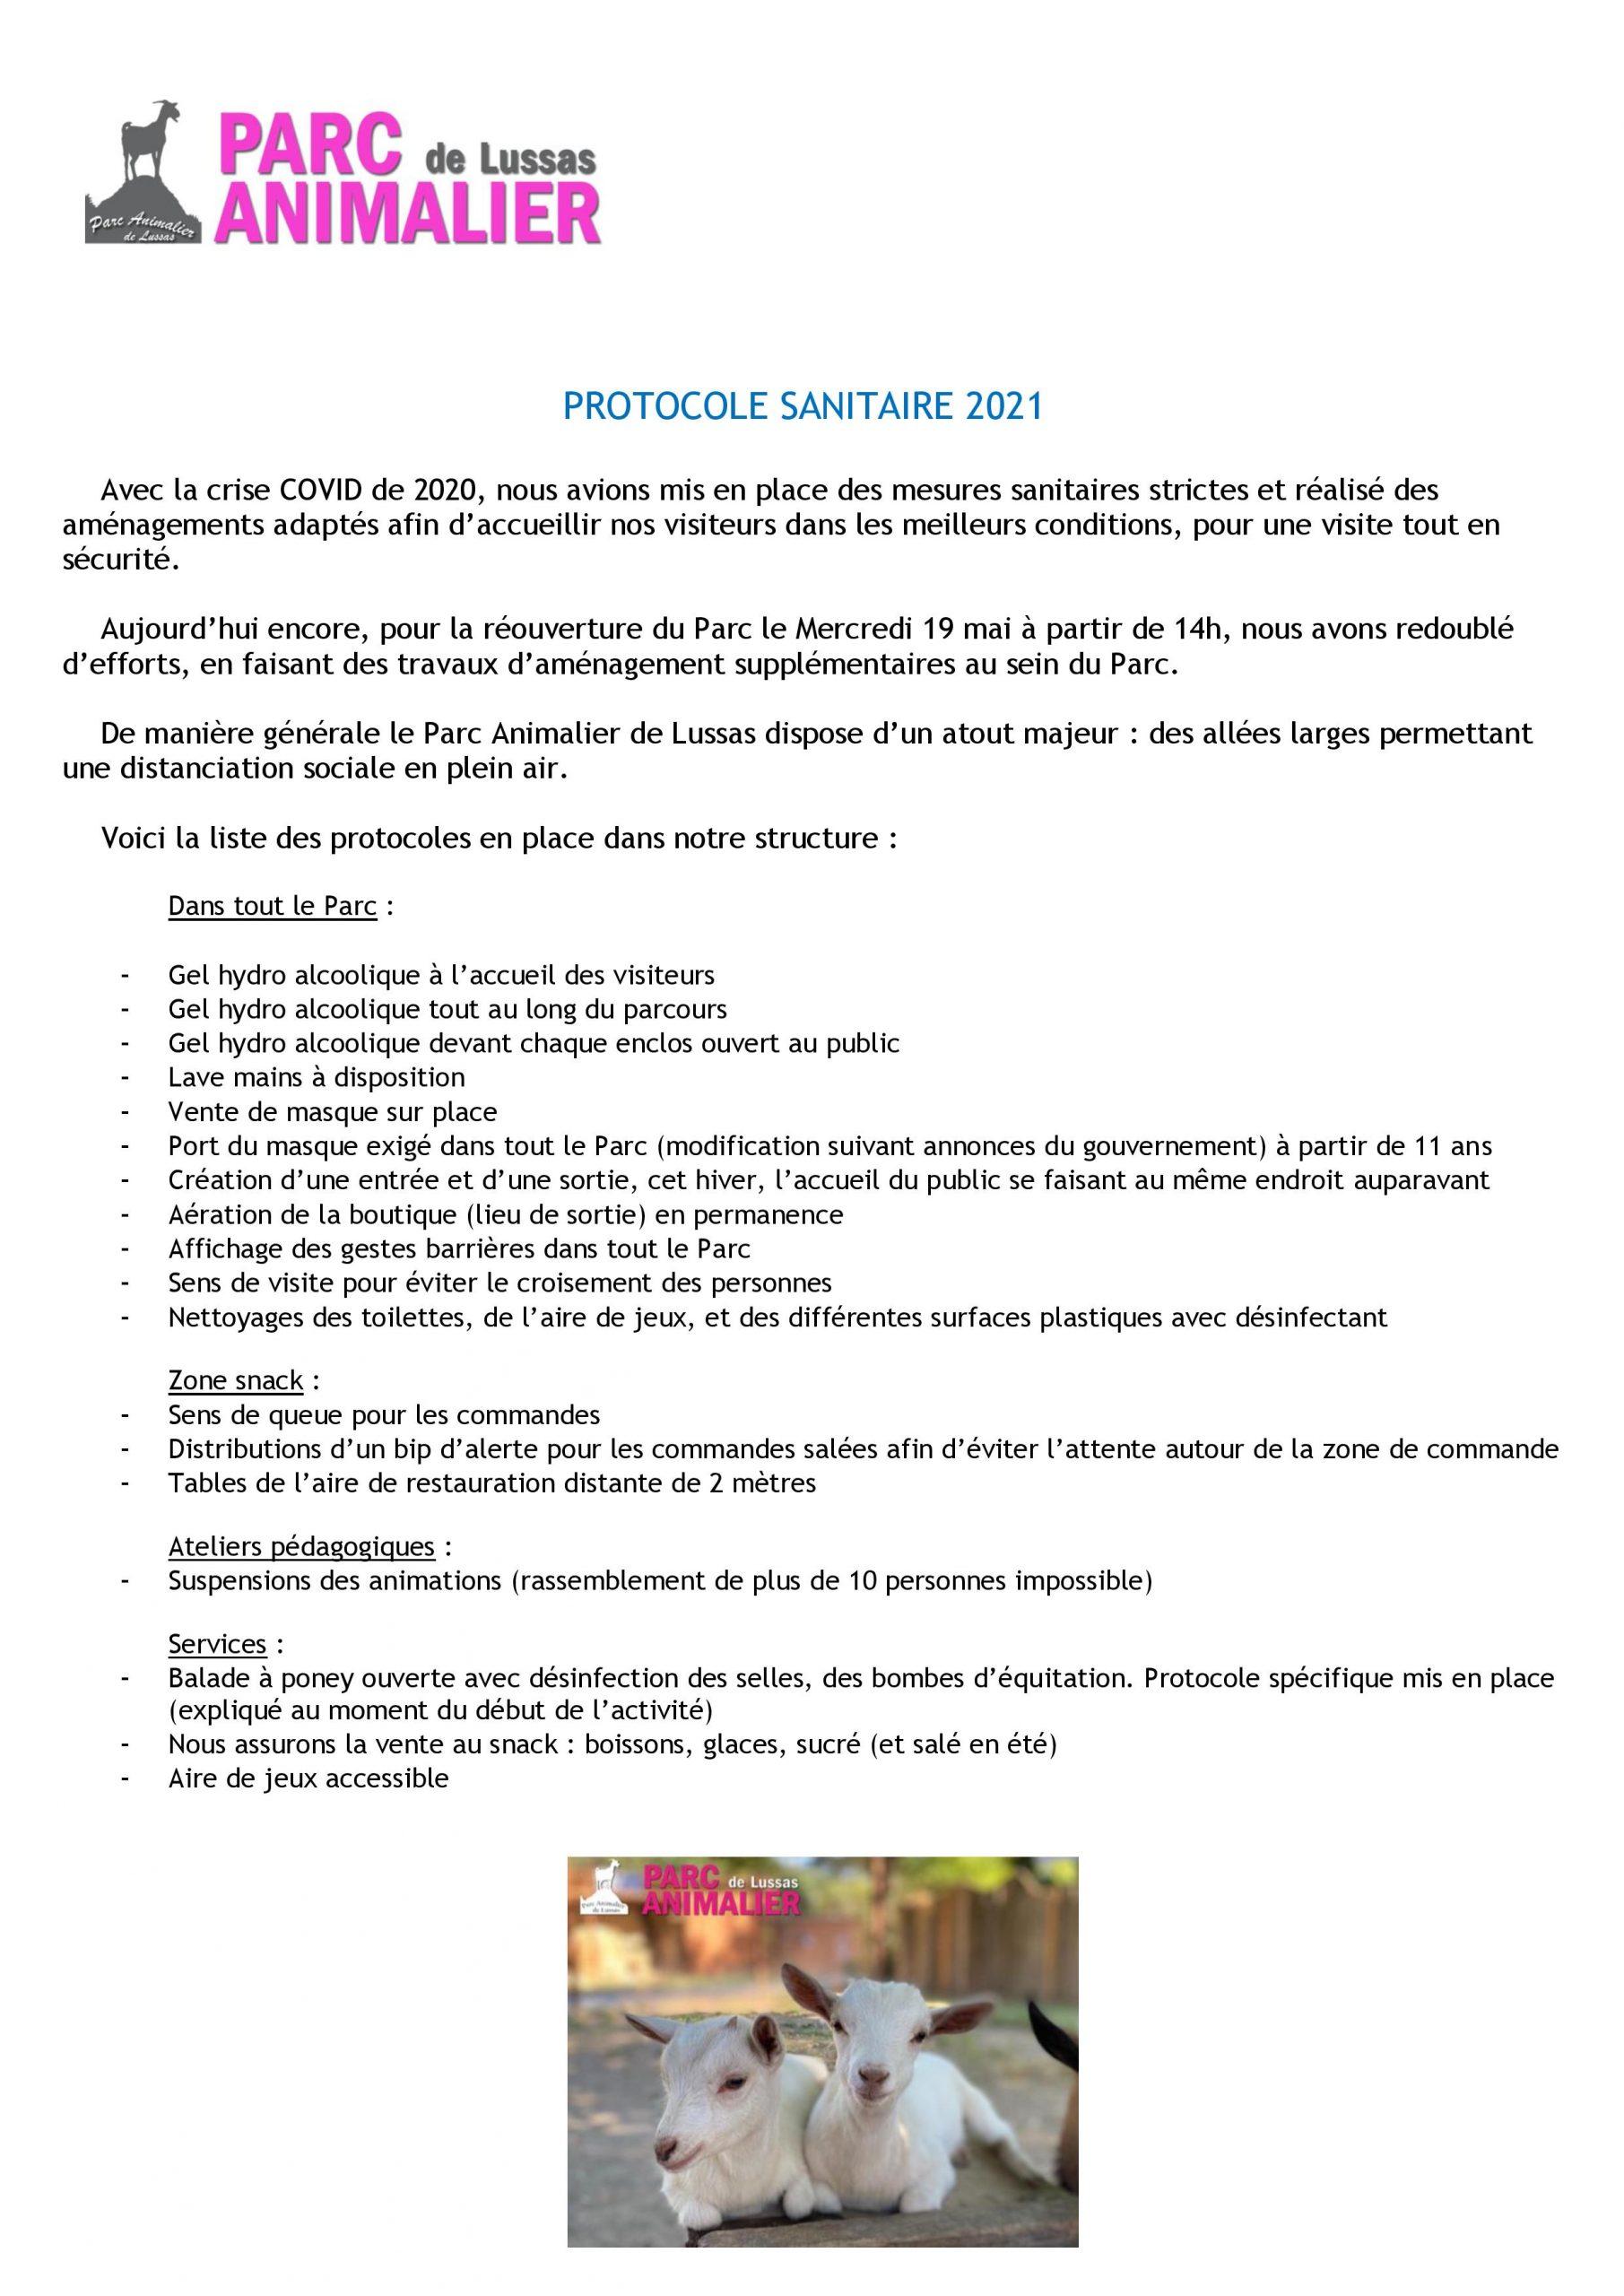 Protocole sanitaire au Parc Animalier de Lussas